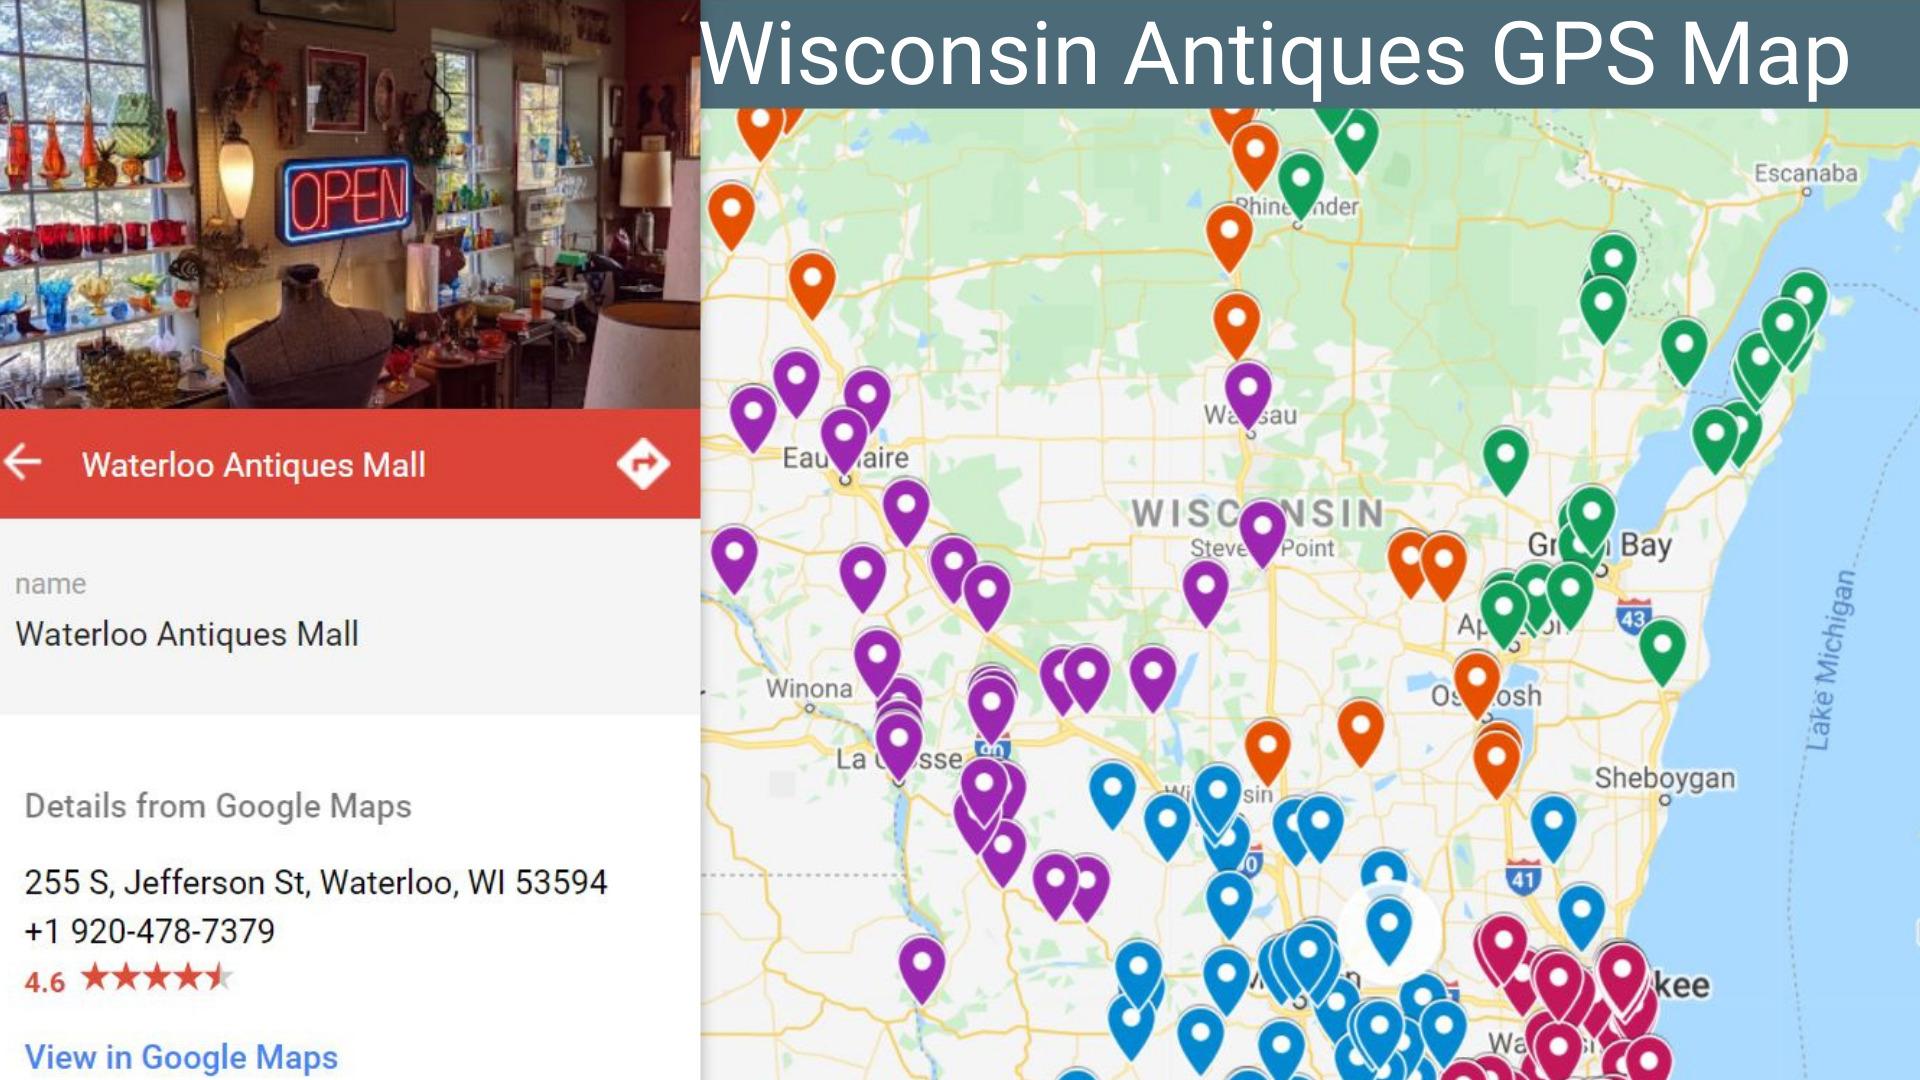 Wisconsin Antique Adventures Map